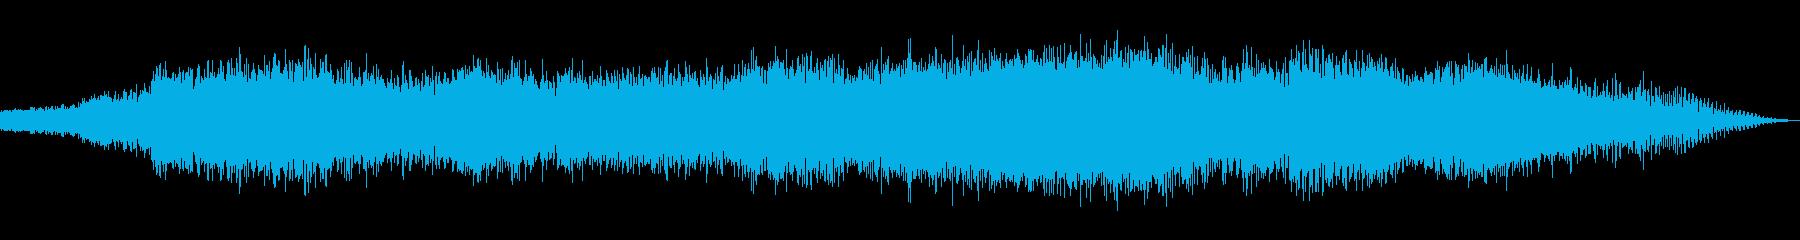 ホラー映像にぴったりの怖い音楽の再生済みの波形